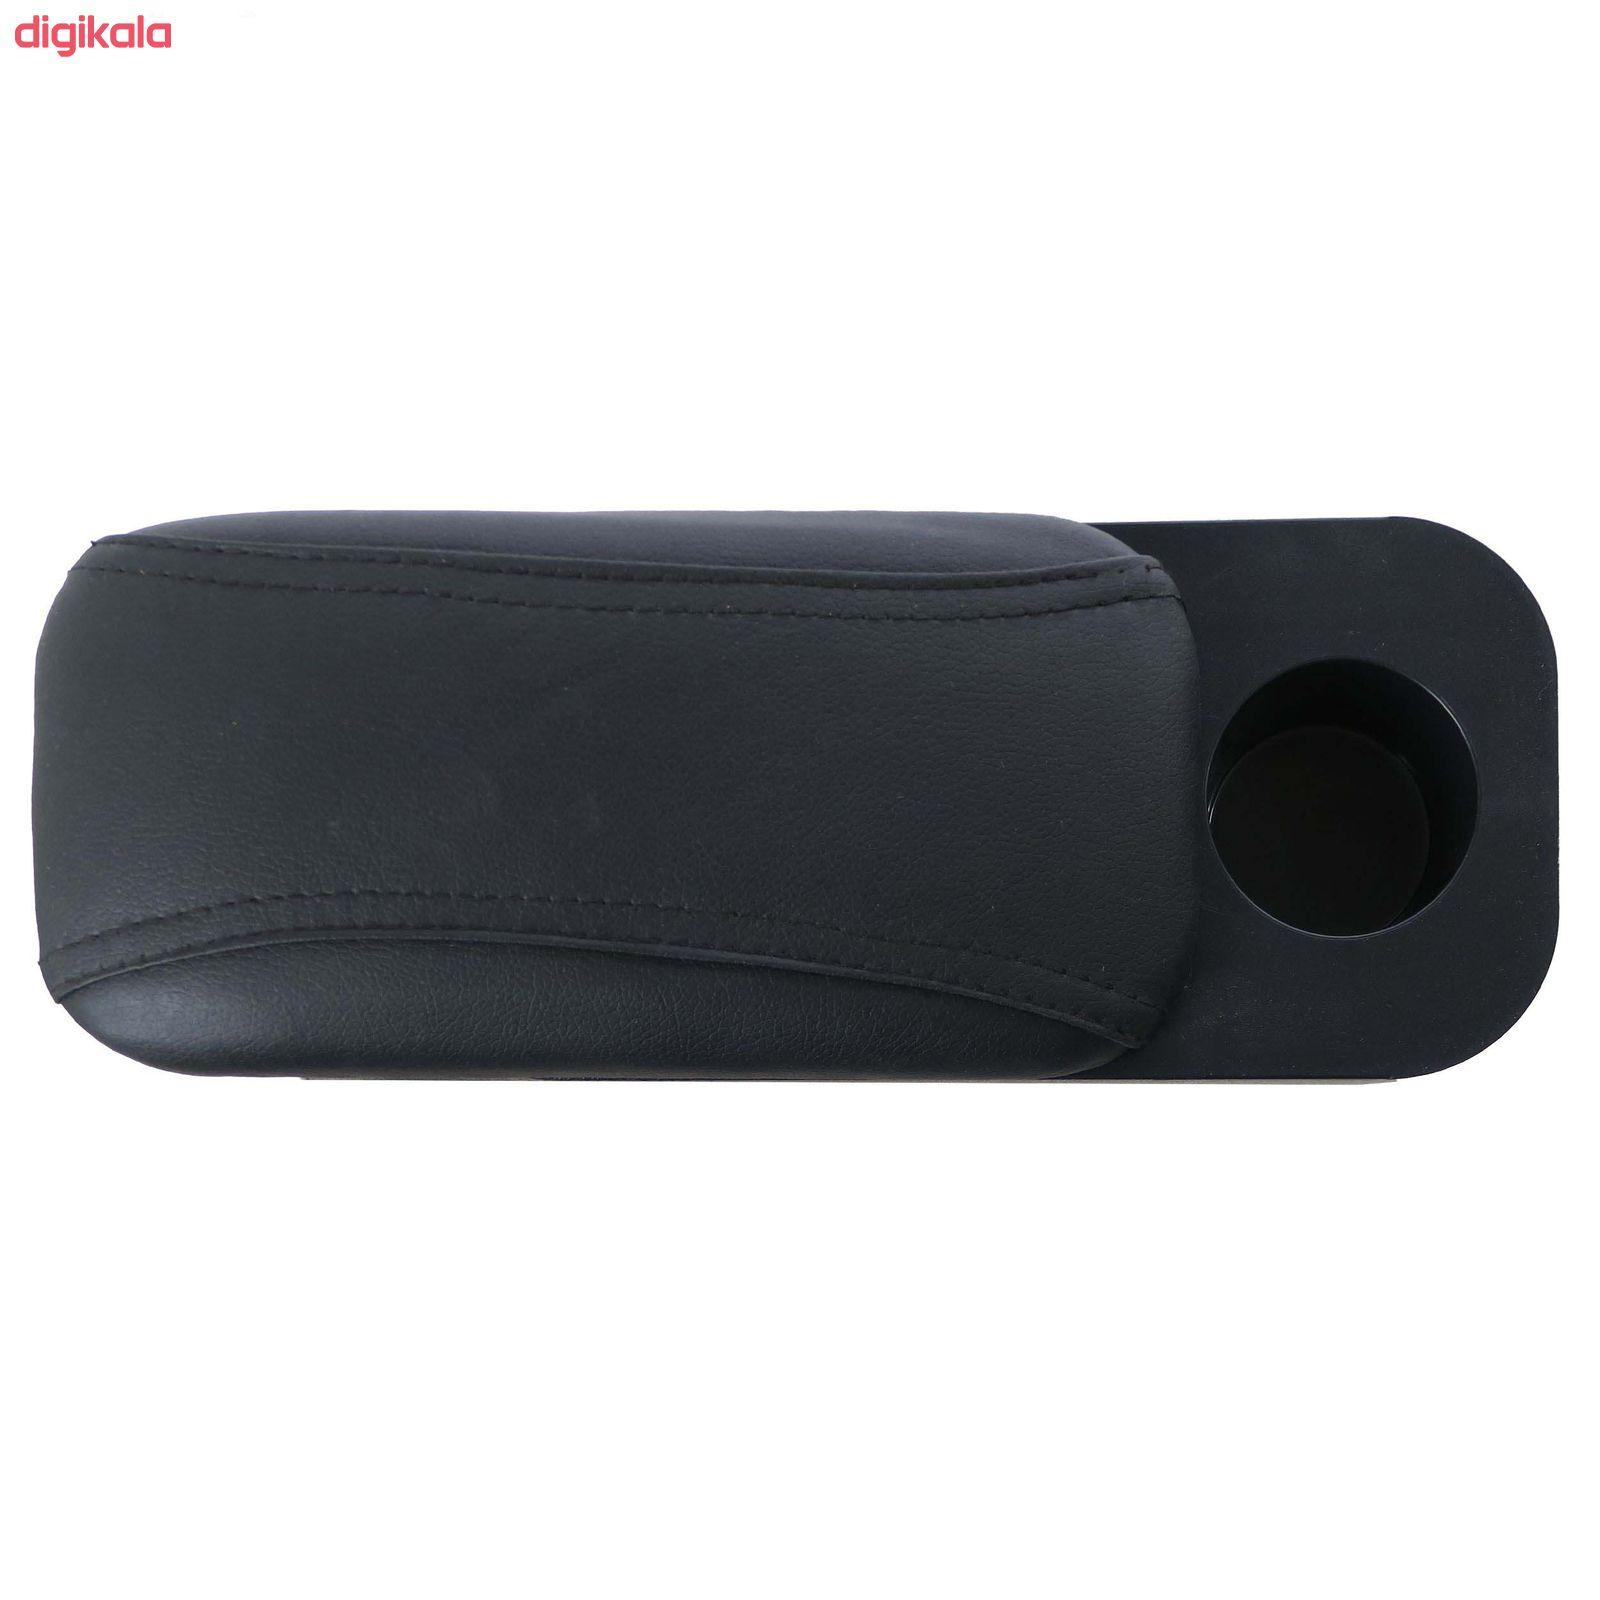 کنسول وسط خودرو توکا مدل dan01 مناسب برای پژو 405 main 1 5